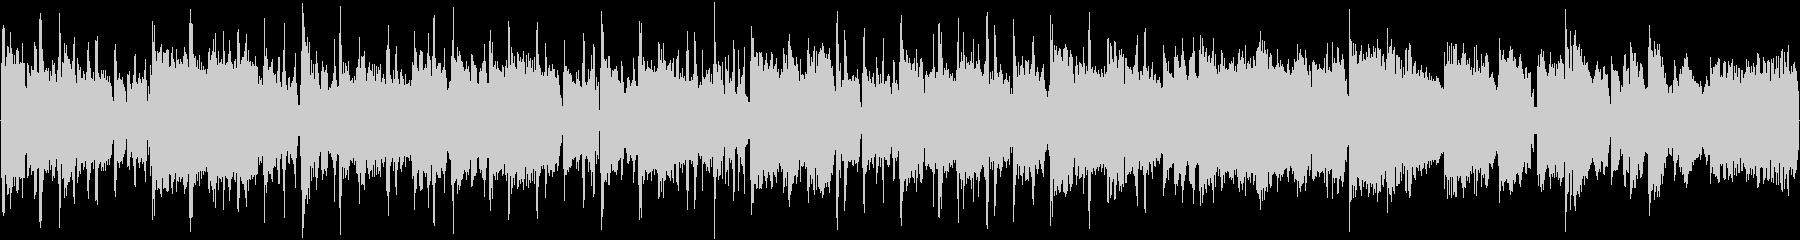 80bpm、E-Maj、ブルース調の未再生の波形